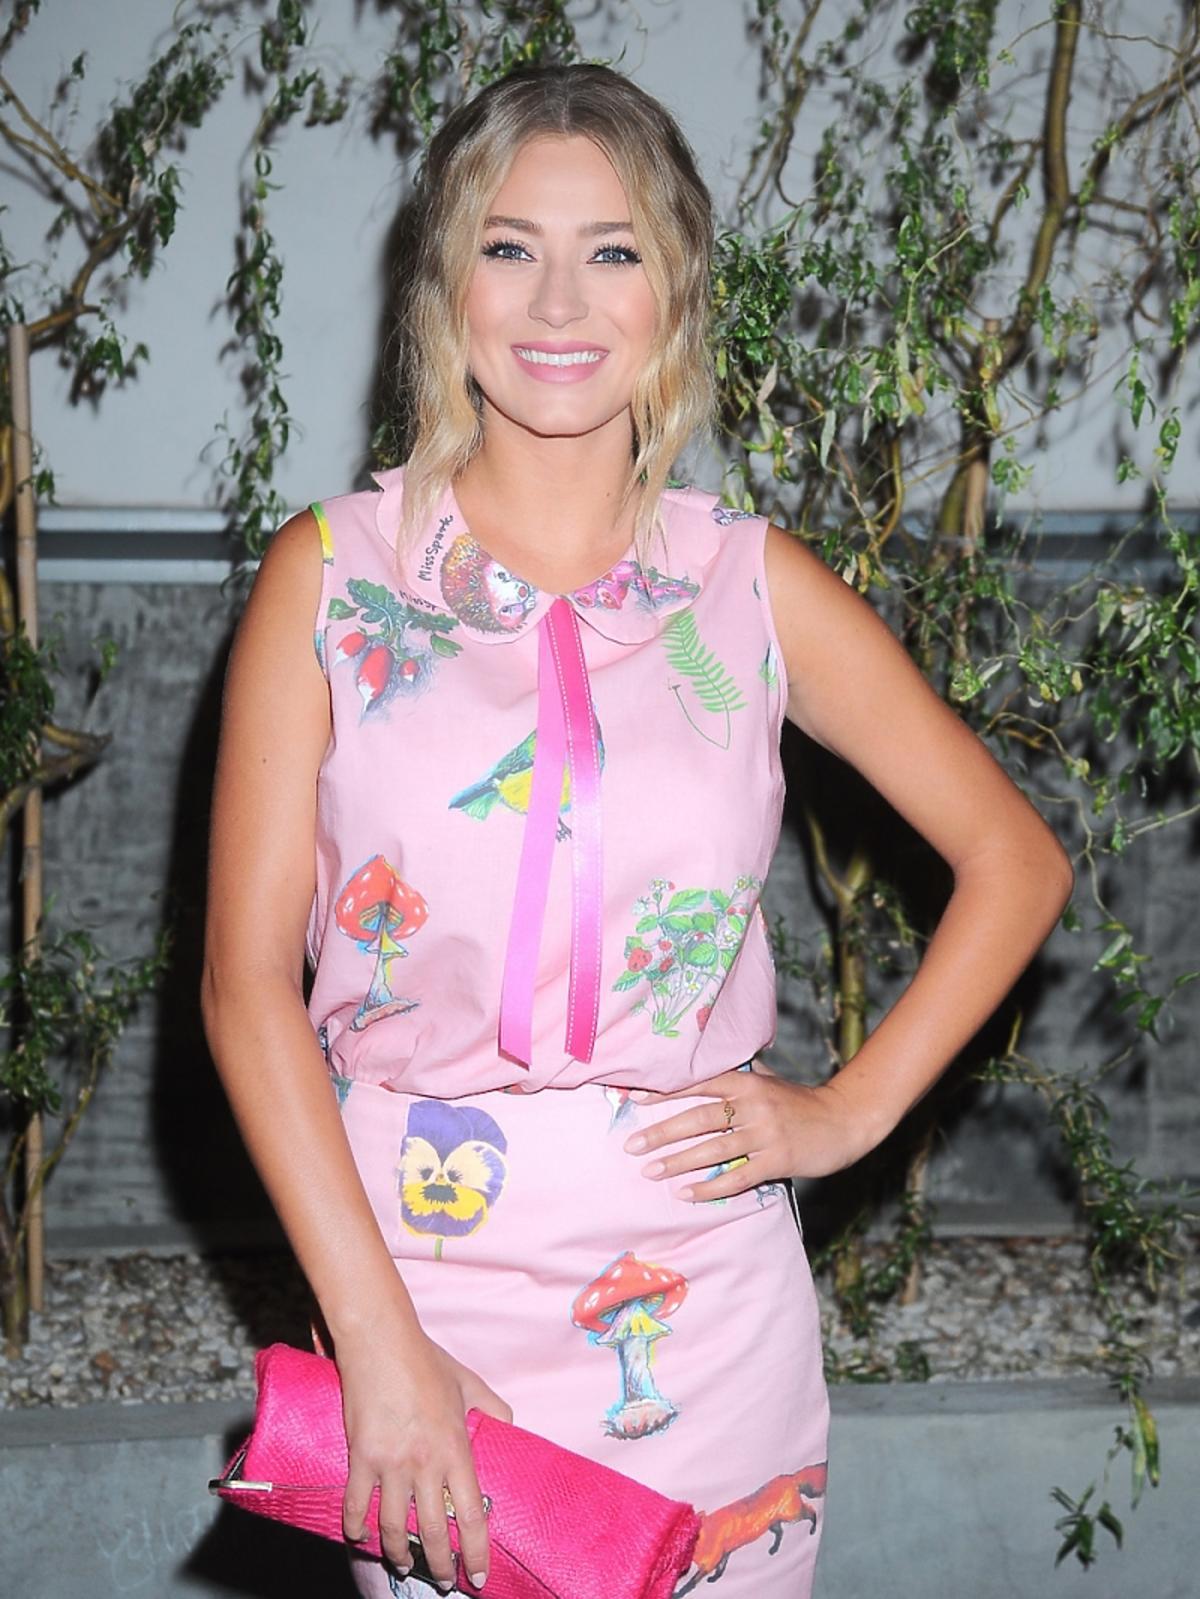 Marcelina Zawadzka w różowej sukience w kolorowe nadruki zwierząt i kwiatów, różowa torebka